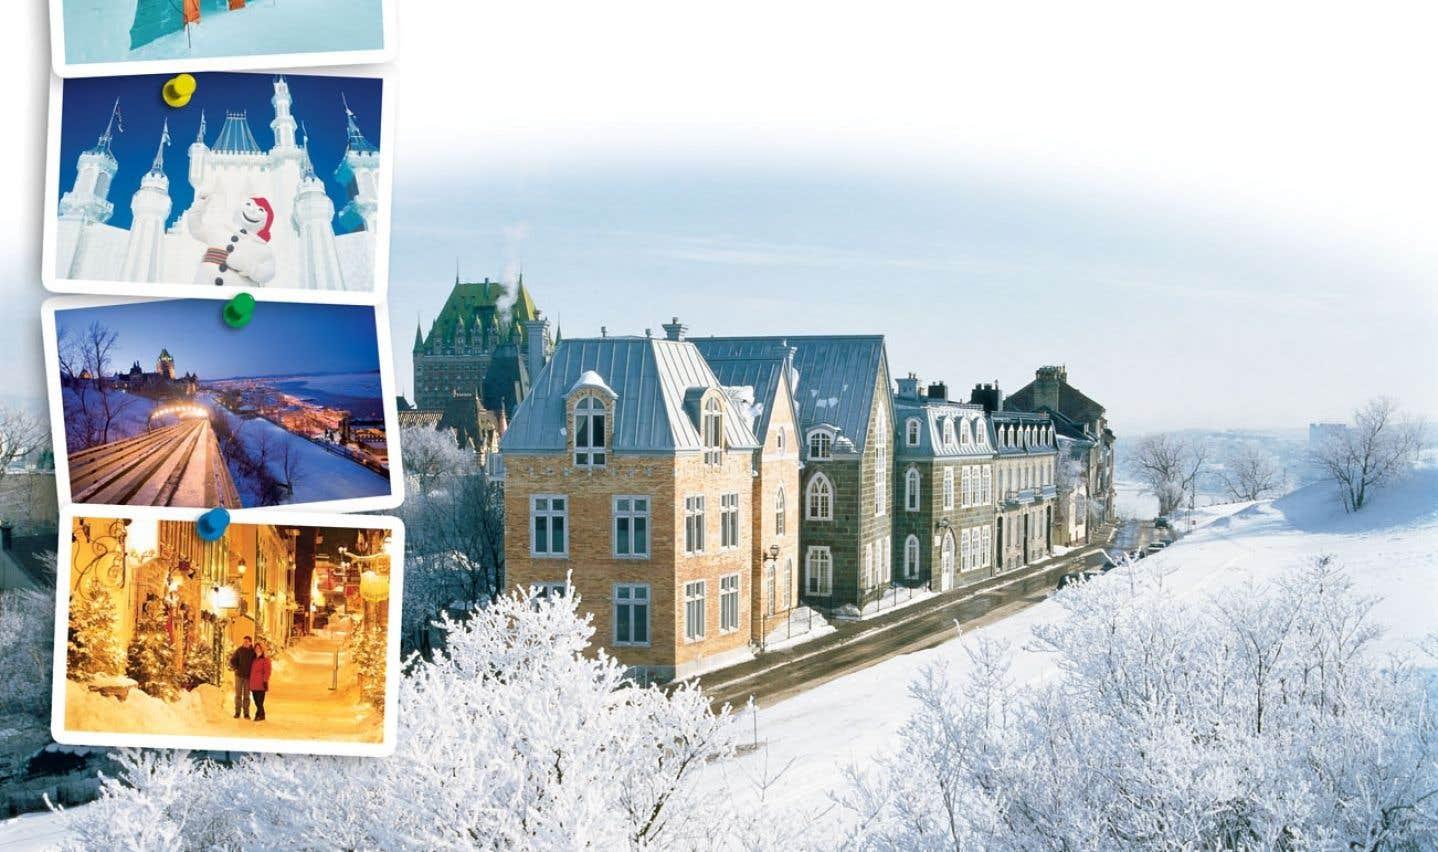 Selon les dernières données de Statistique Canada, publiées en 2010, c'est le marché québécois qui représente la plus grande part de la clientèle d'affaires de la région de Québec, avec 67,5 %, et 49 % des dépenses touristiques.